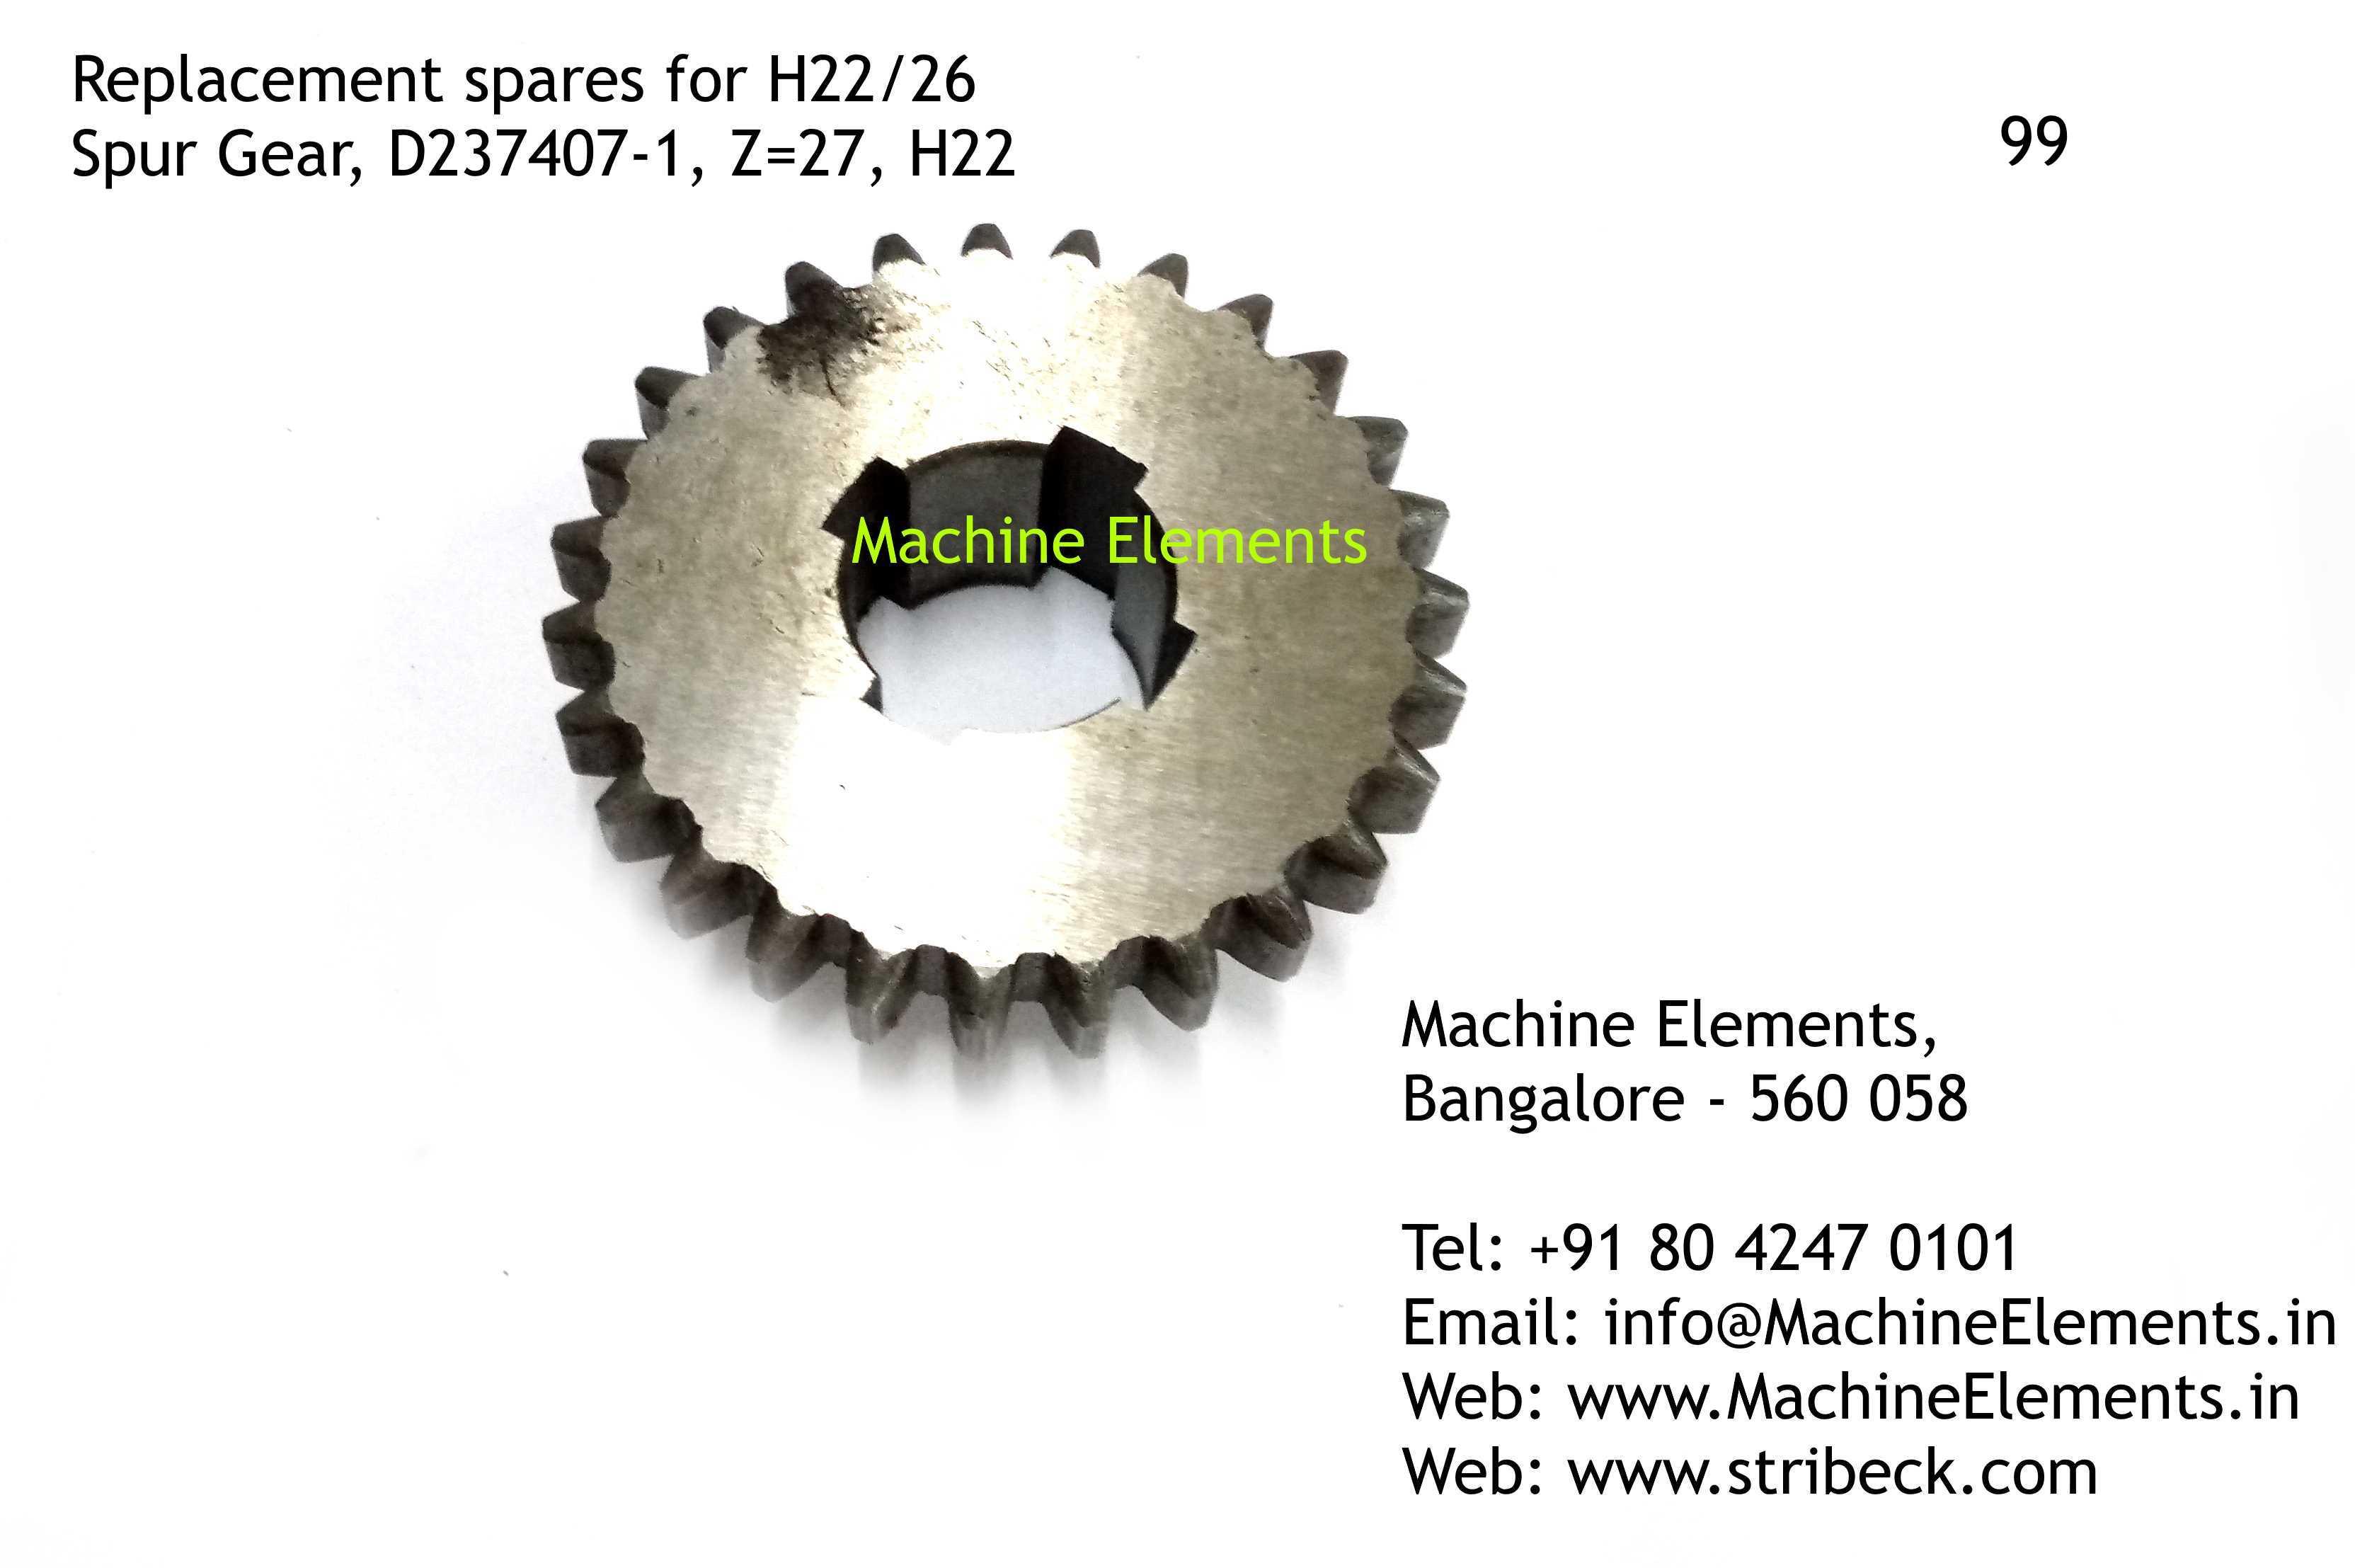 Spur Gear, D237407-1, Z=27